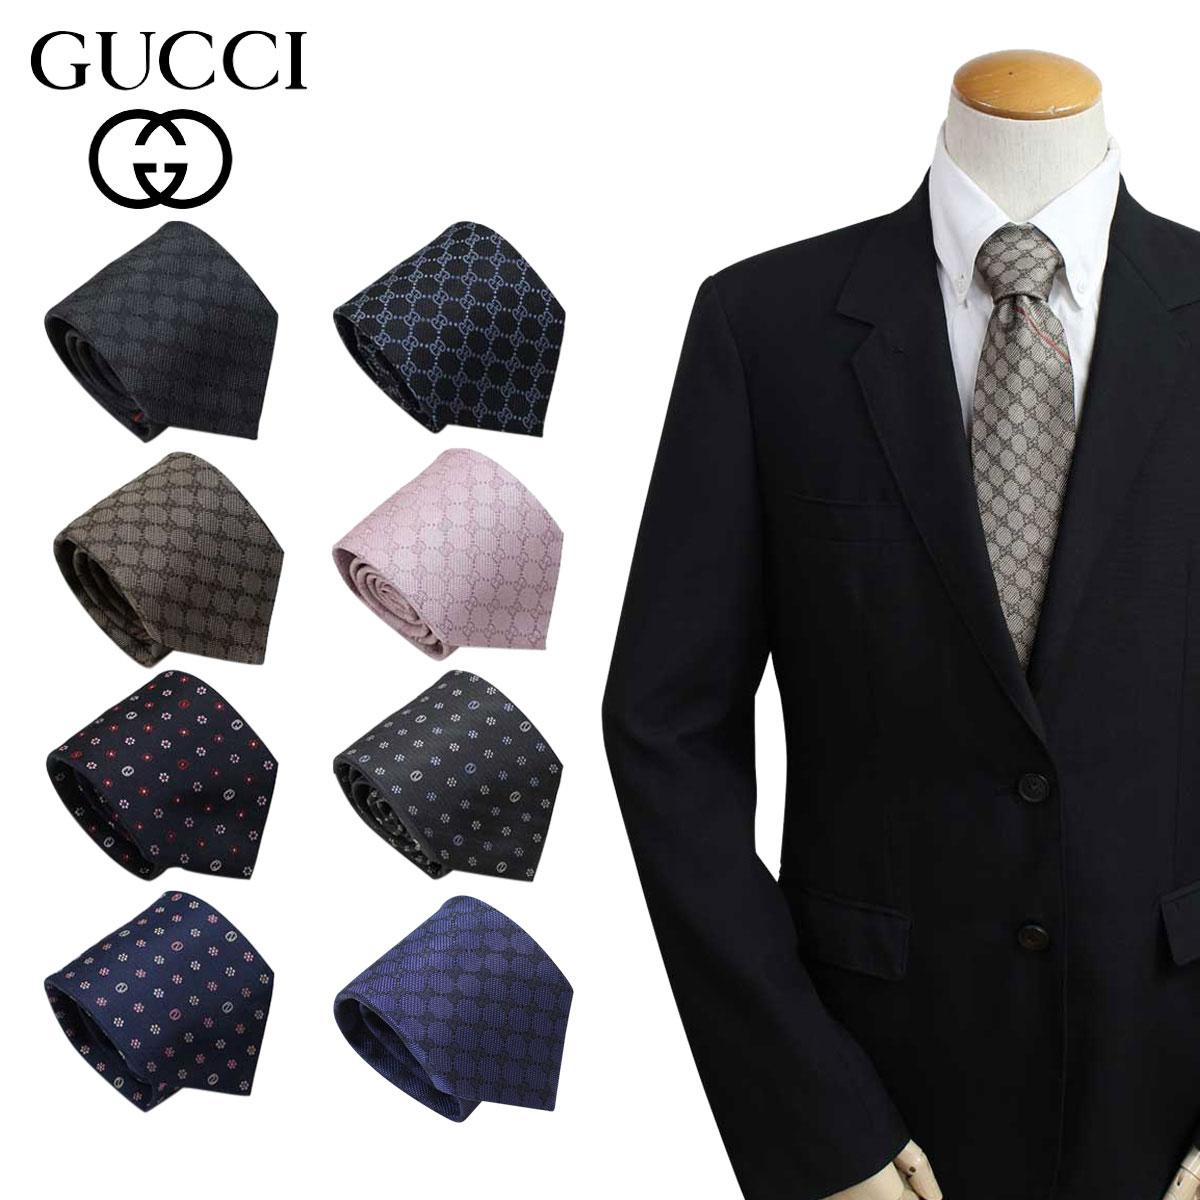 グッチ GUCCI ネクタイ イタリア製 シルク ビジネス 結婚式 TIE メンズ [1/16 追加入荷]